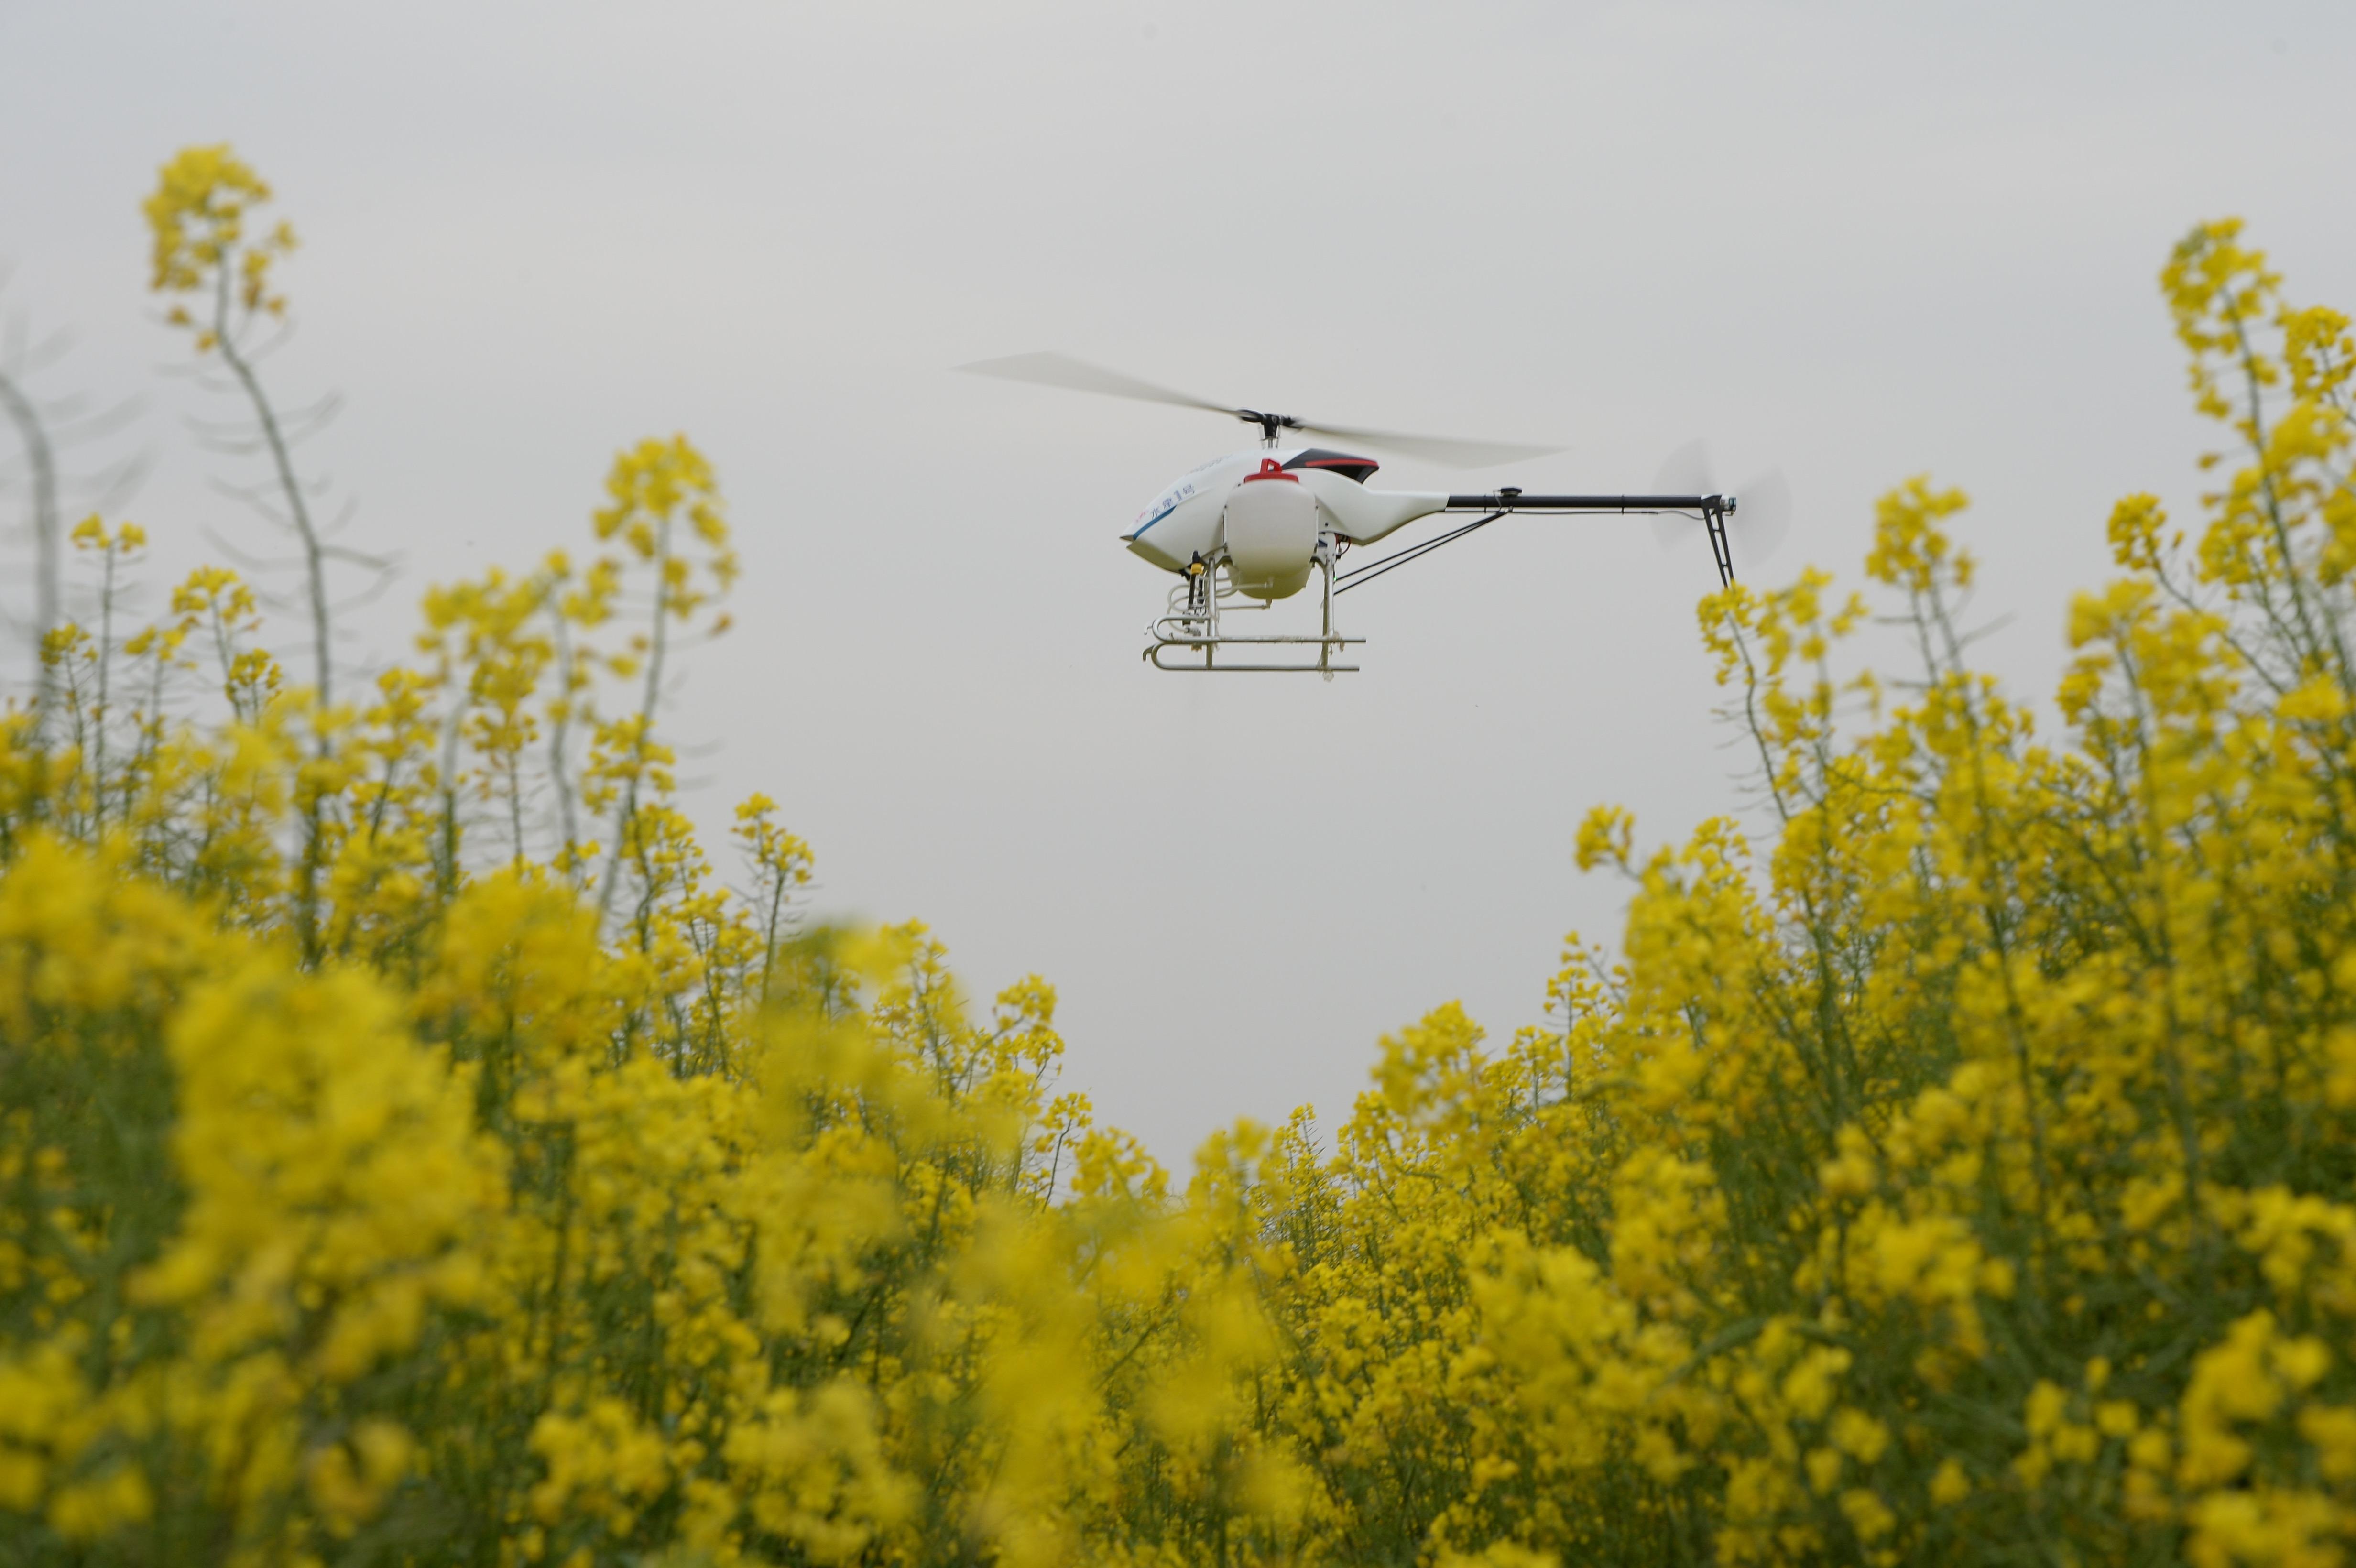 植保无人机,施肥效率大大优于人工,被称为规模化、机械化种植的黑科技。